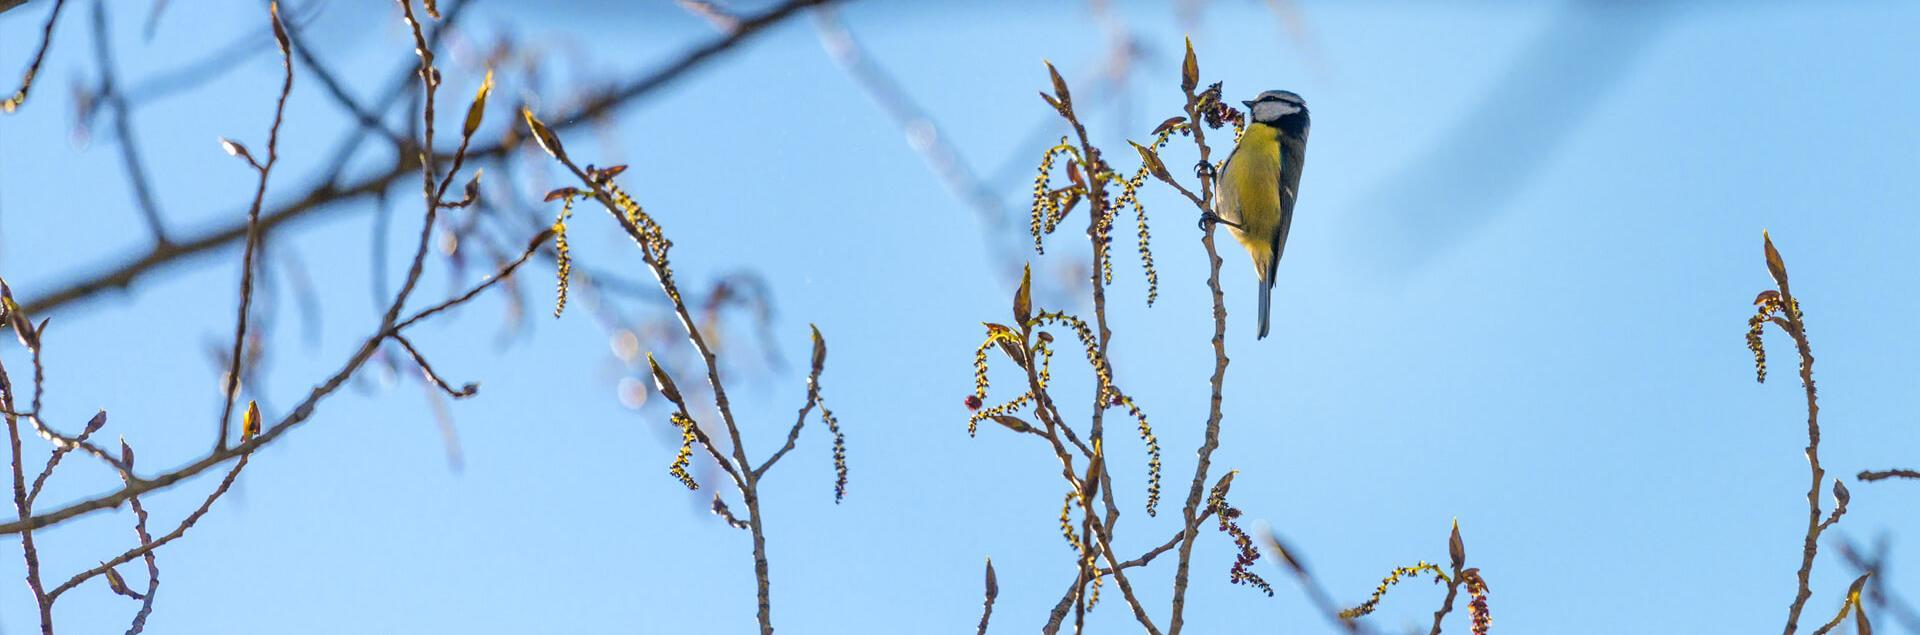 Un oiseau sur une branche d'arbre